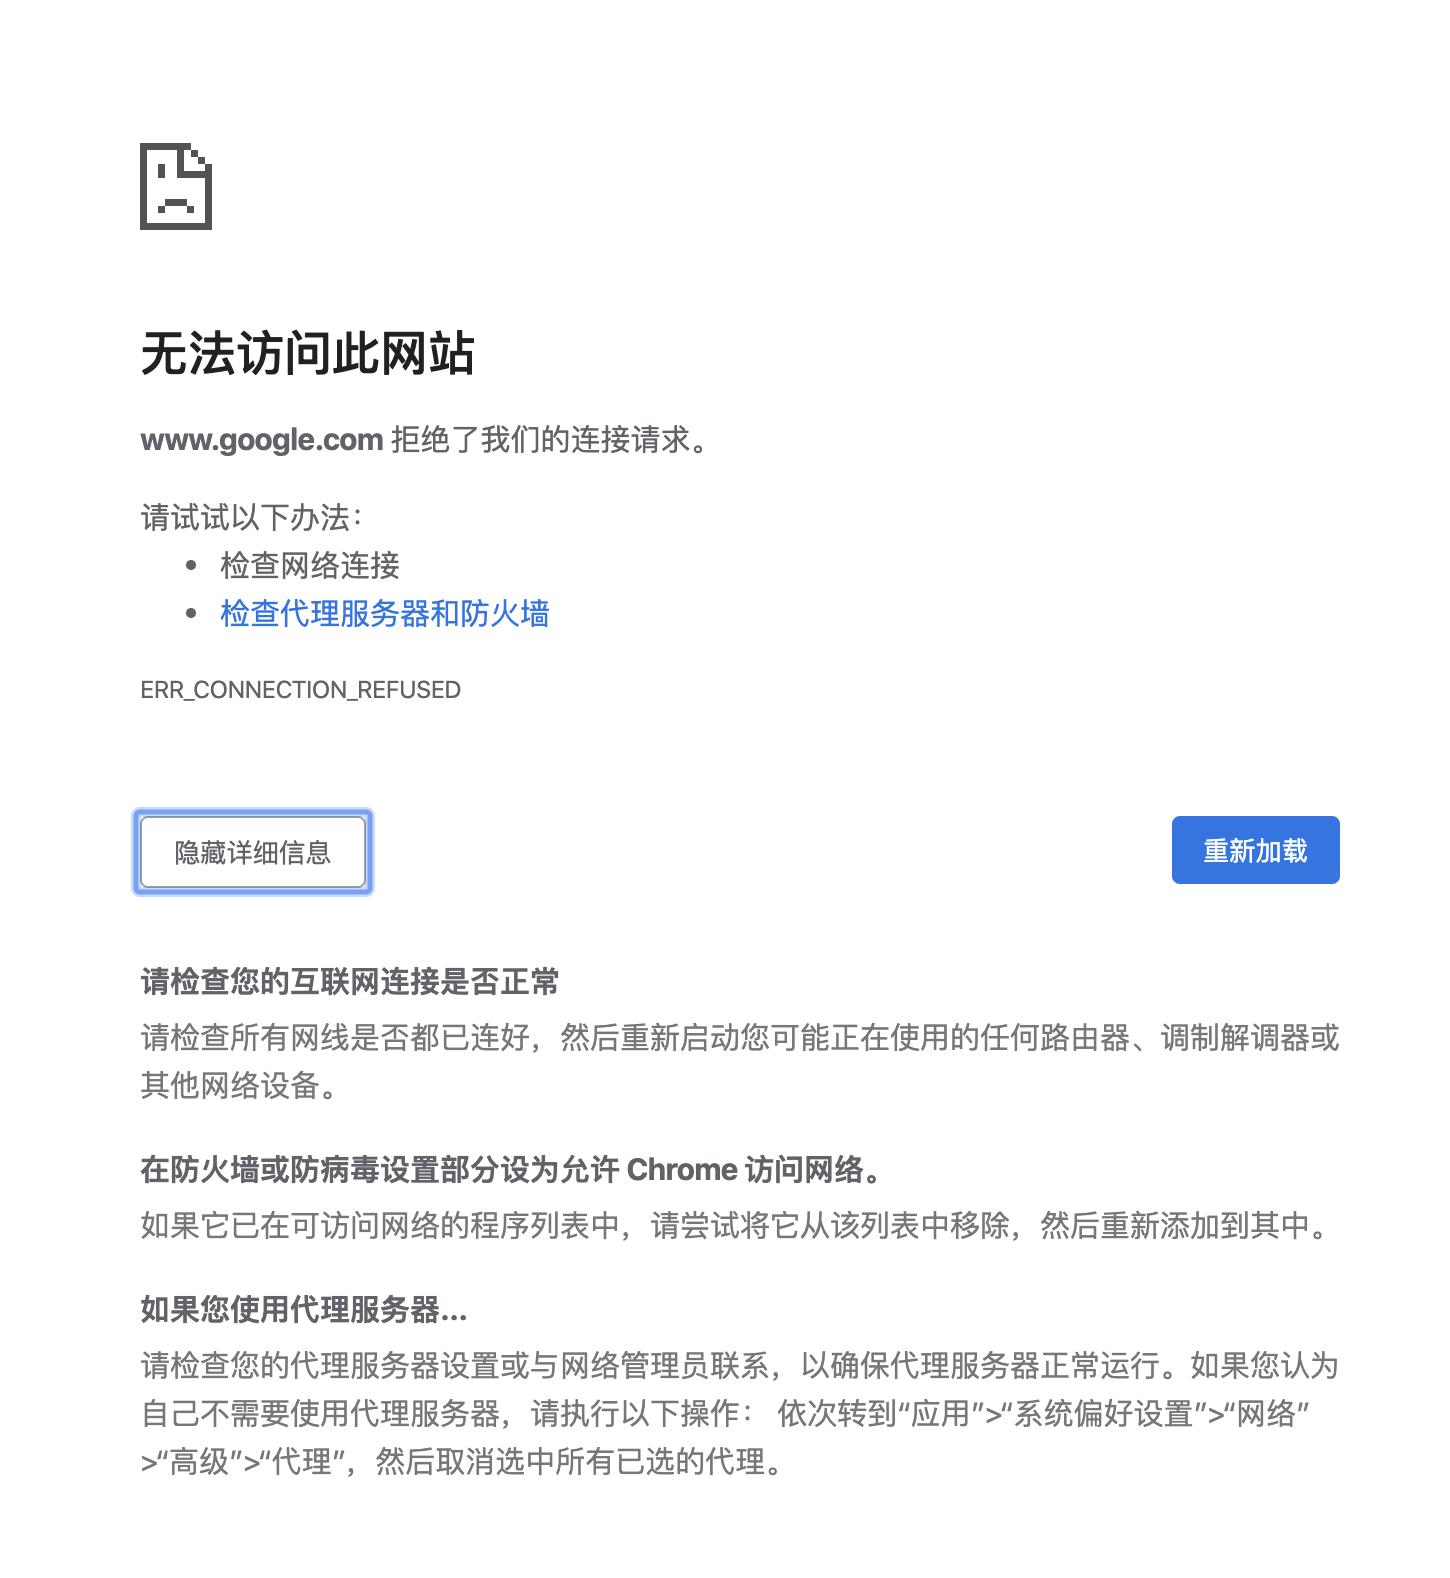 我们 com 了 的 拒绝 请求 Www youtube 连接